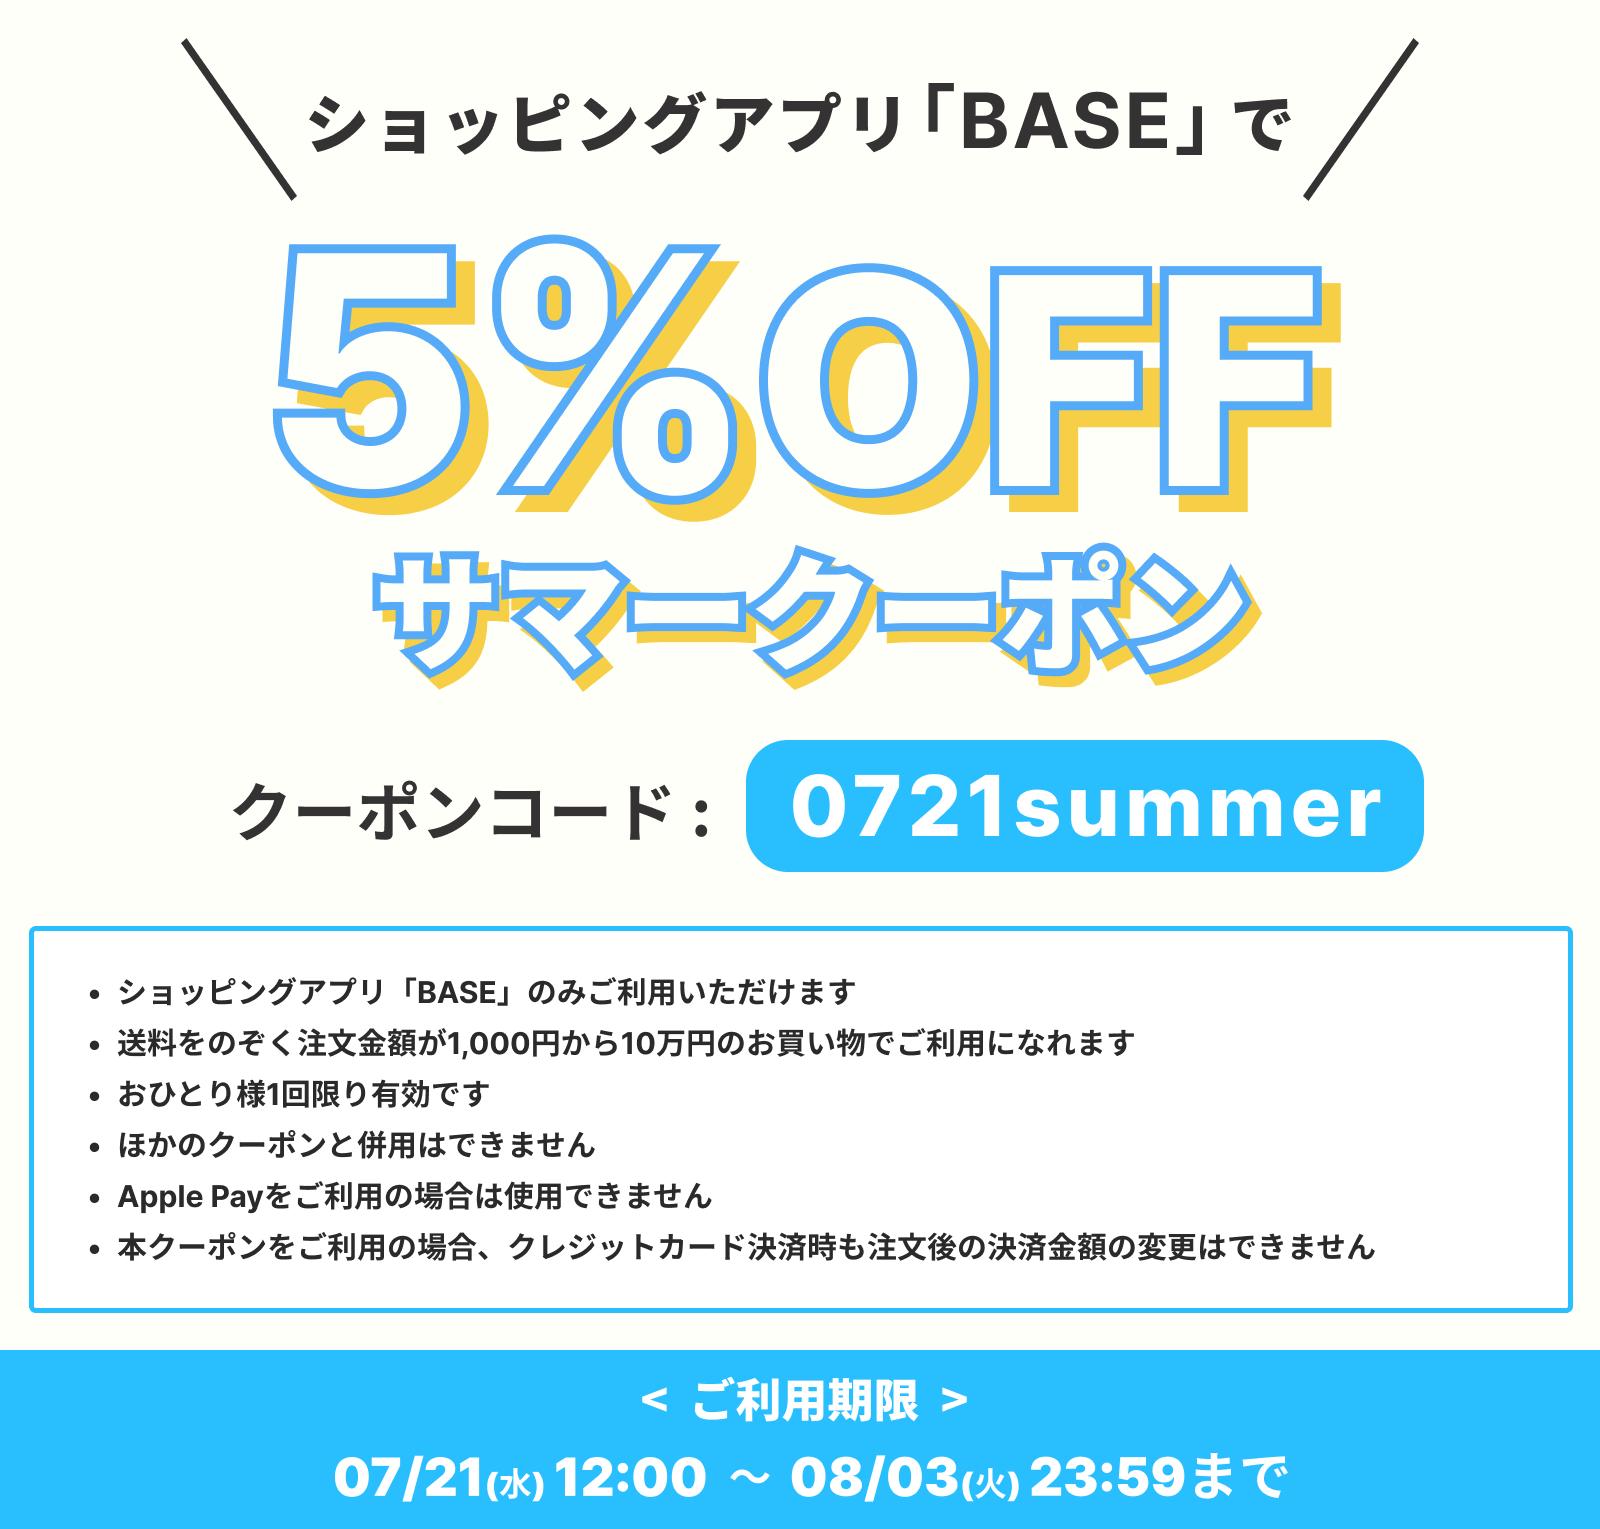 【7/21~8/3 期間限定!】全商品5%OFF!アプリで使えるお買いものクーポン配布中